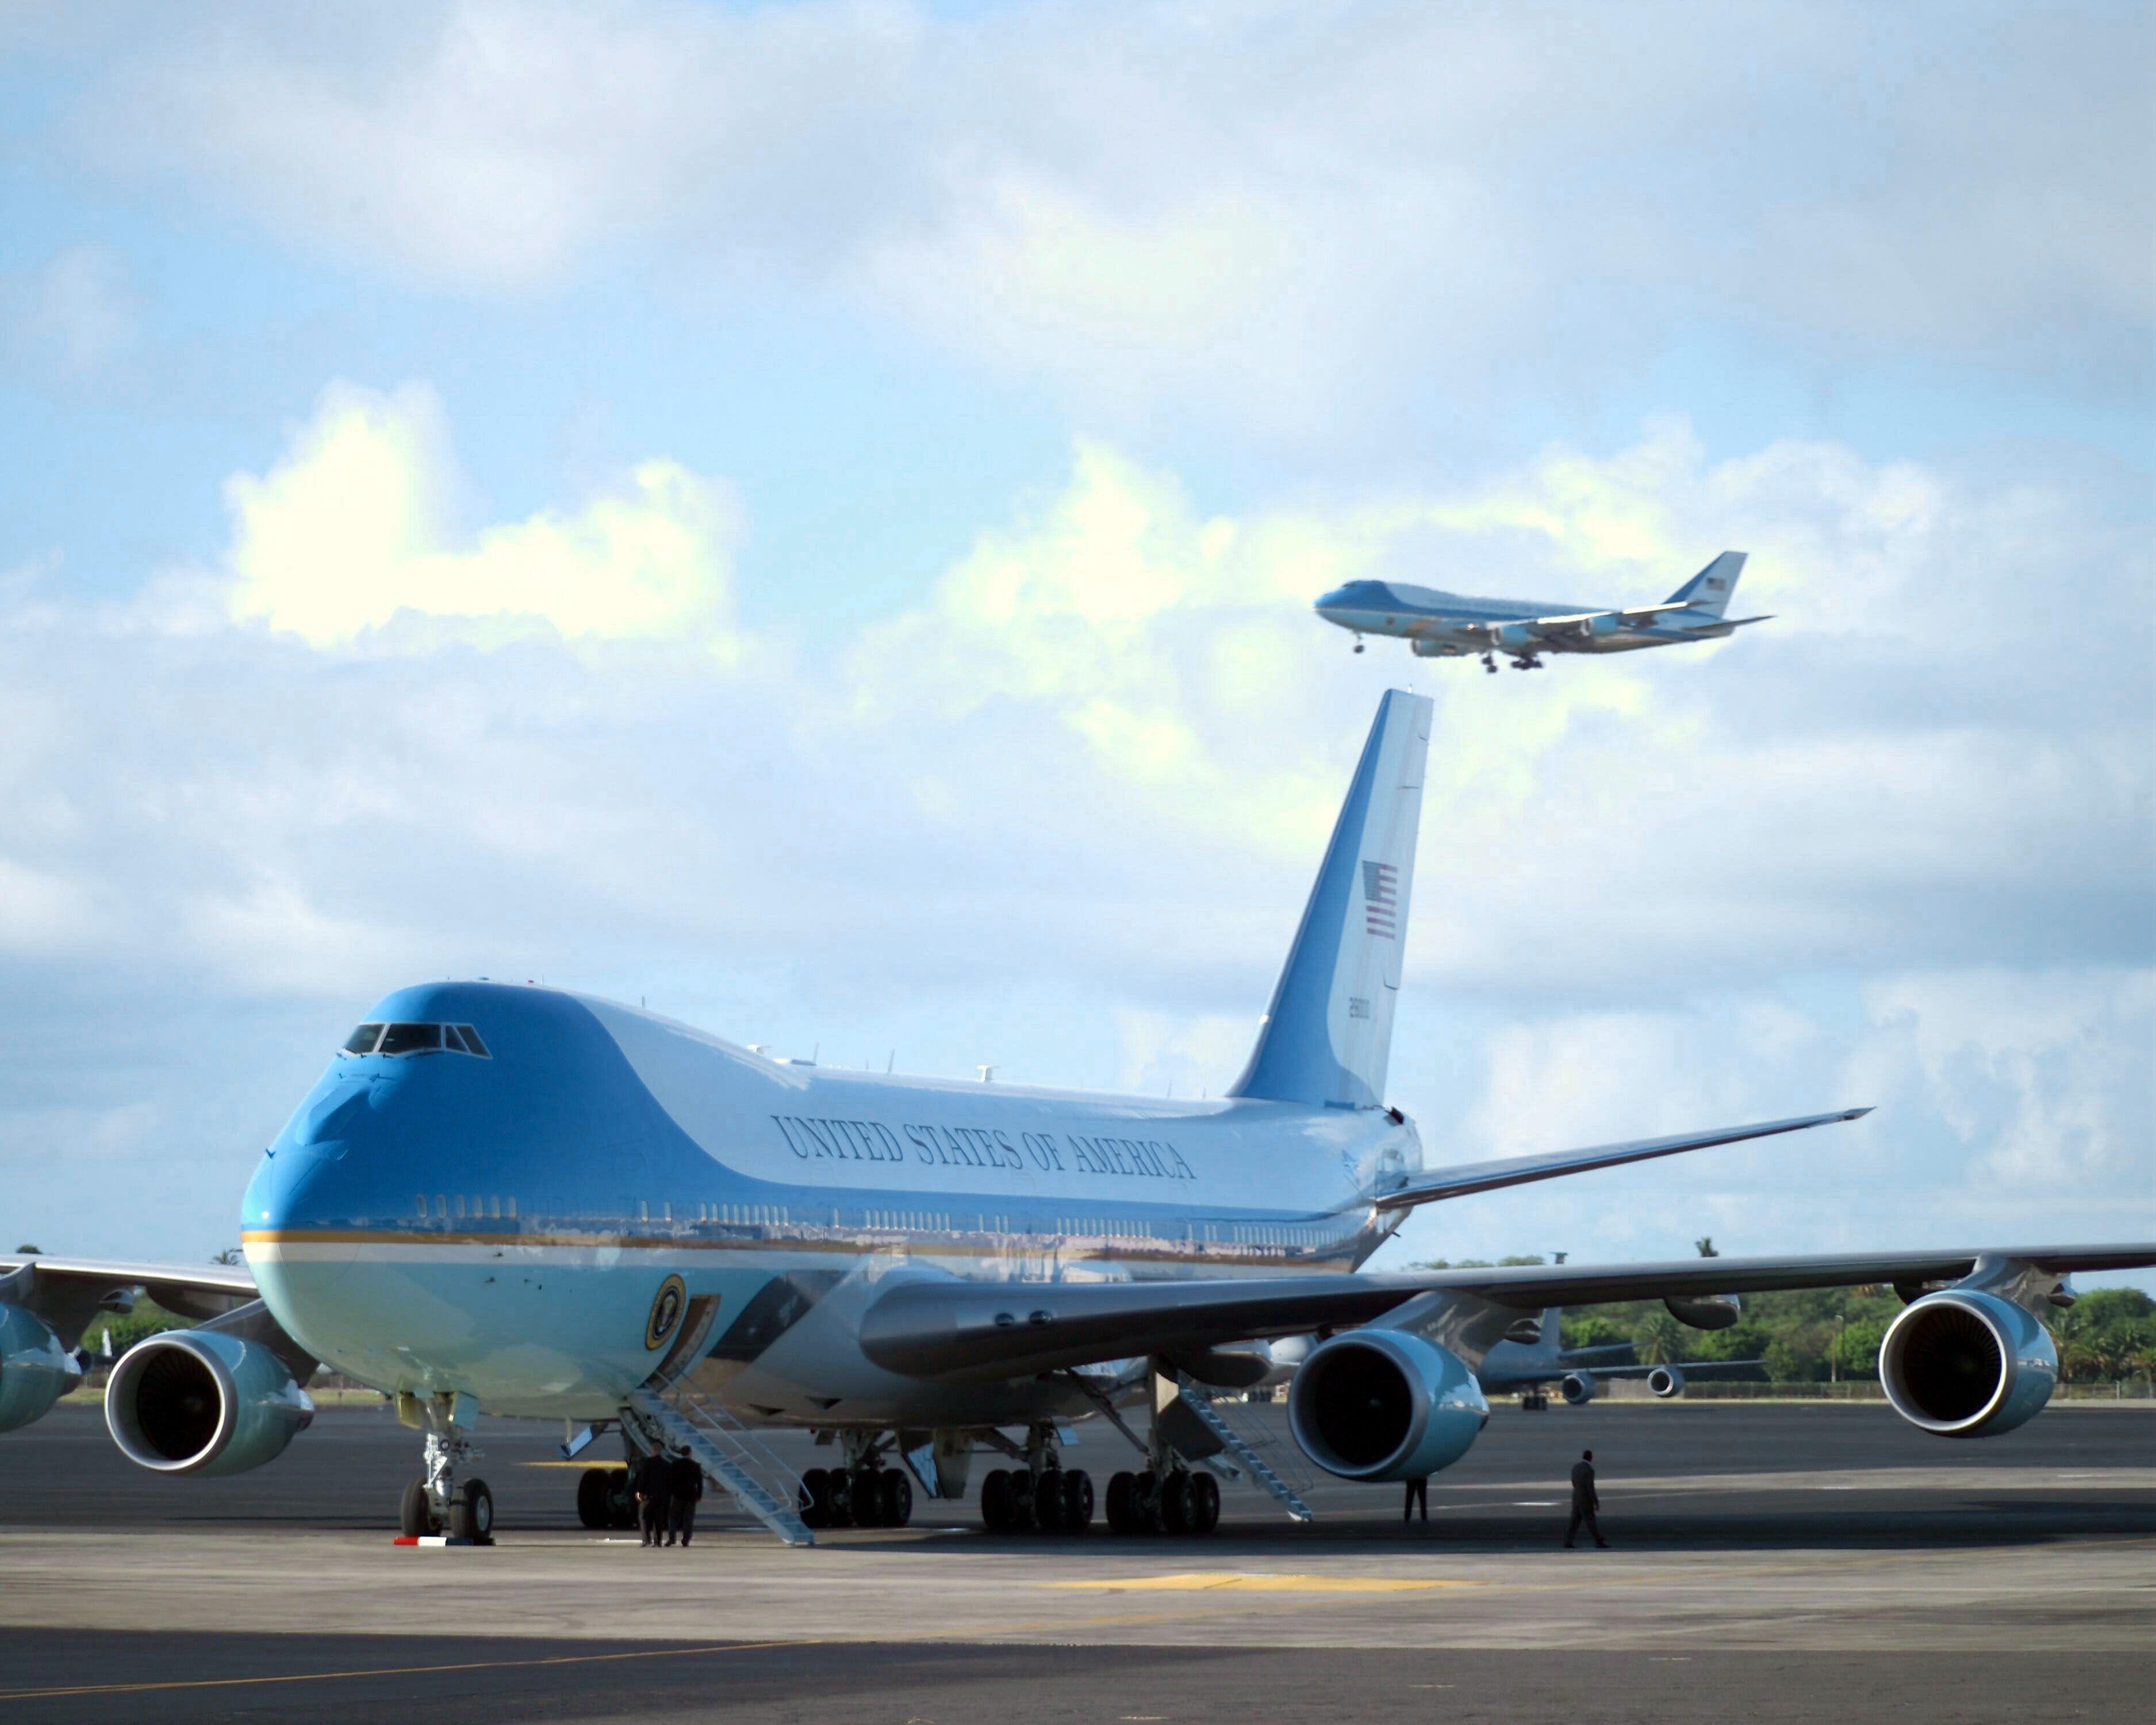 Nike Air Force 1 Avion Du Président Atterrissage